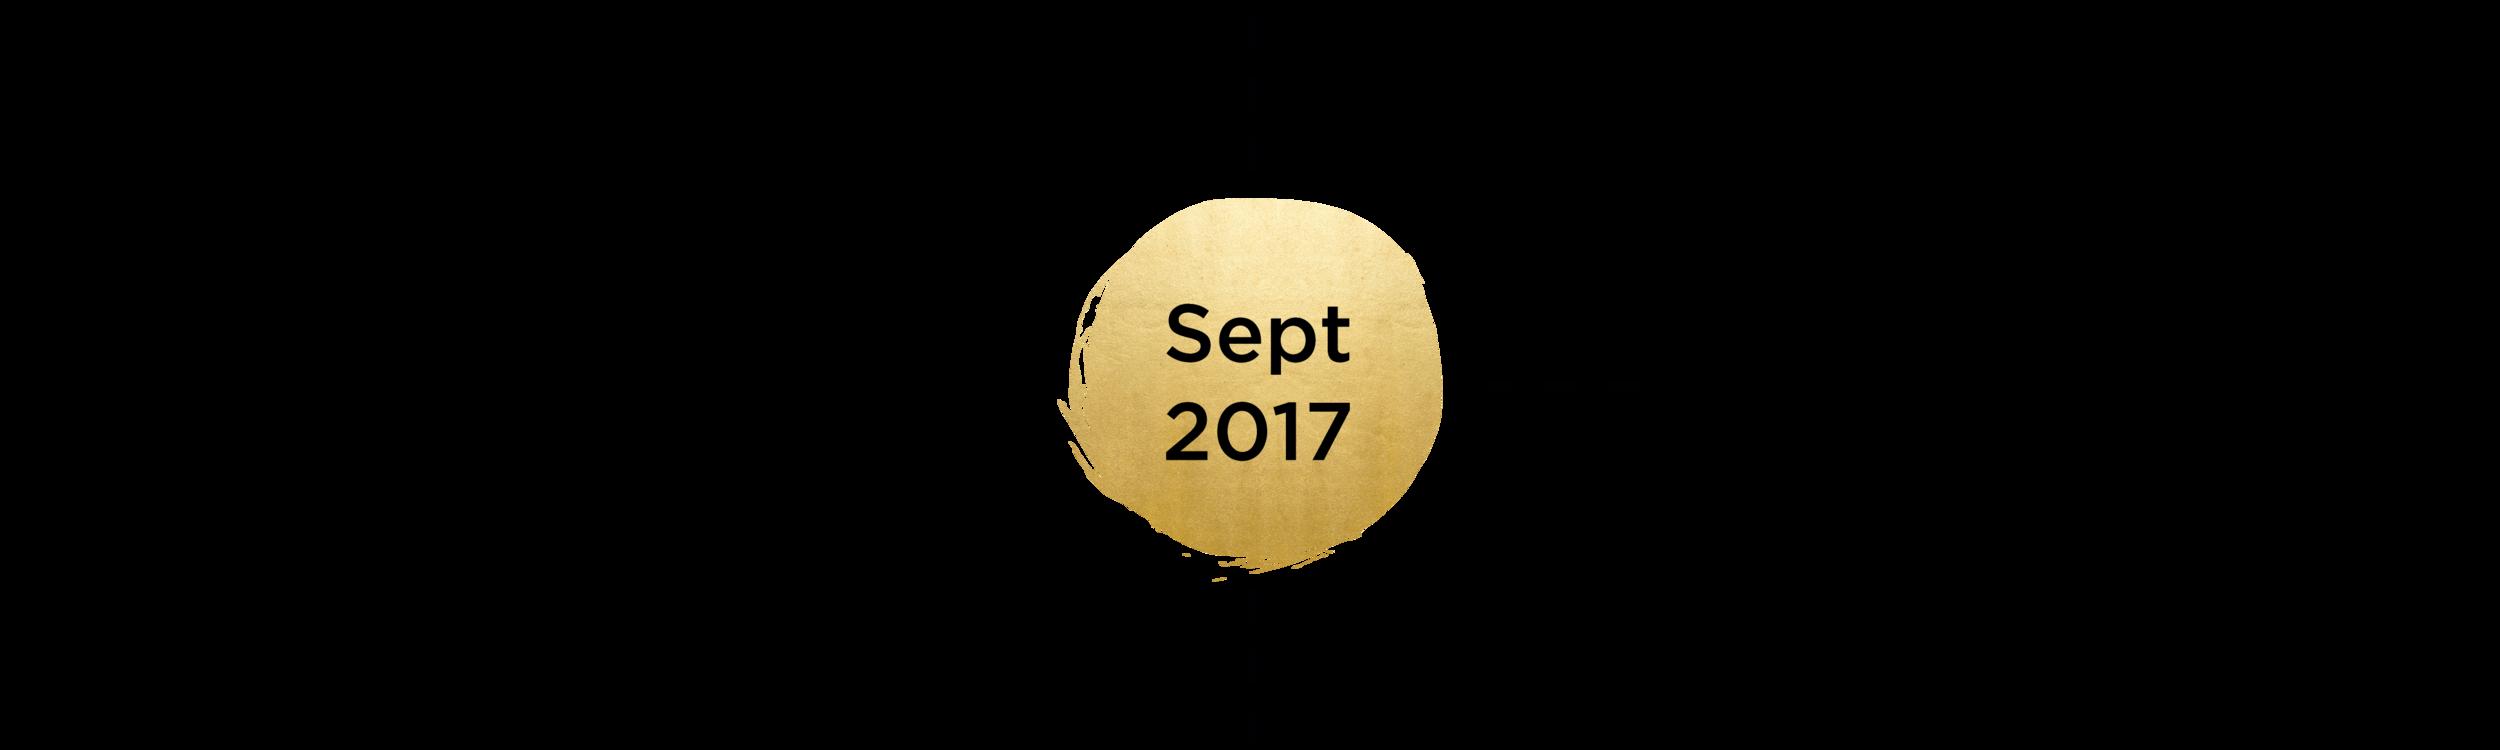 Heidi-Elnora-Timeline-sept17-01.png